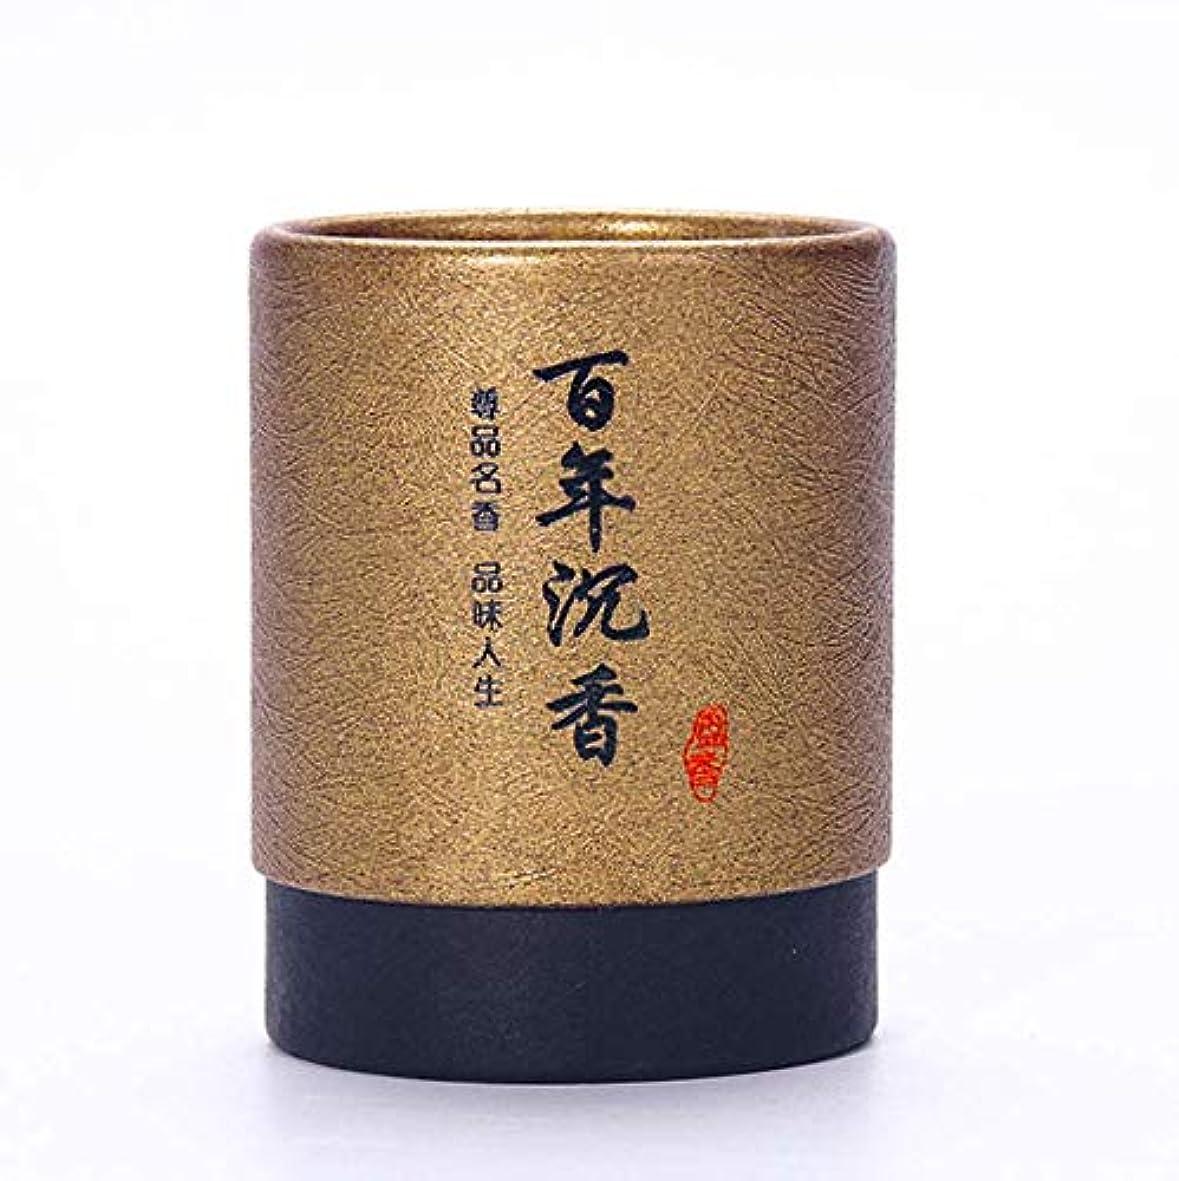 わな装置選挙HwaGui お香 2時間 盤香 渦巻き線香 優しい香り 48巻入 沉香(百年沈香)